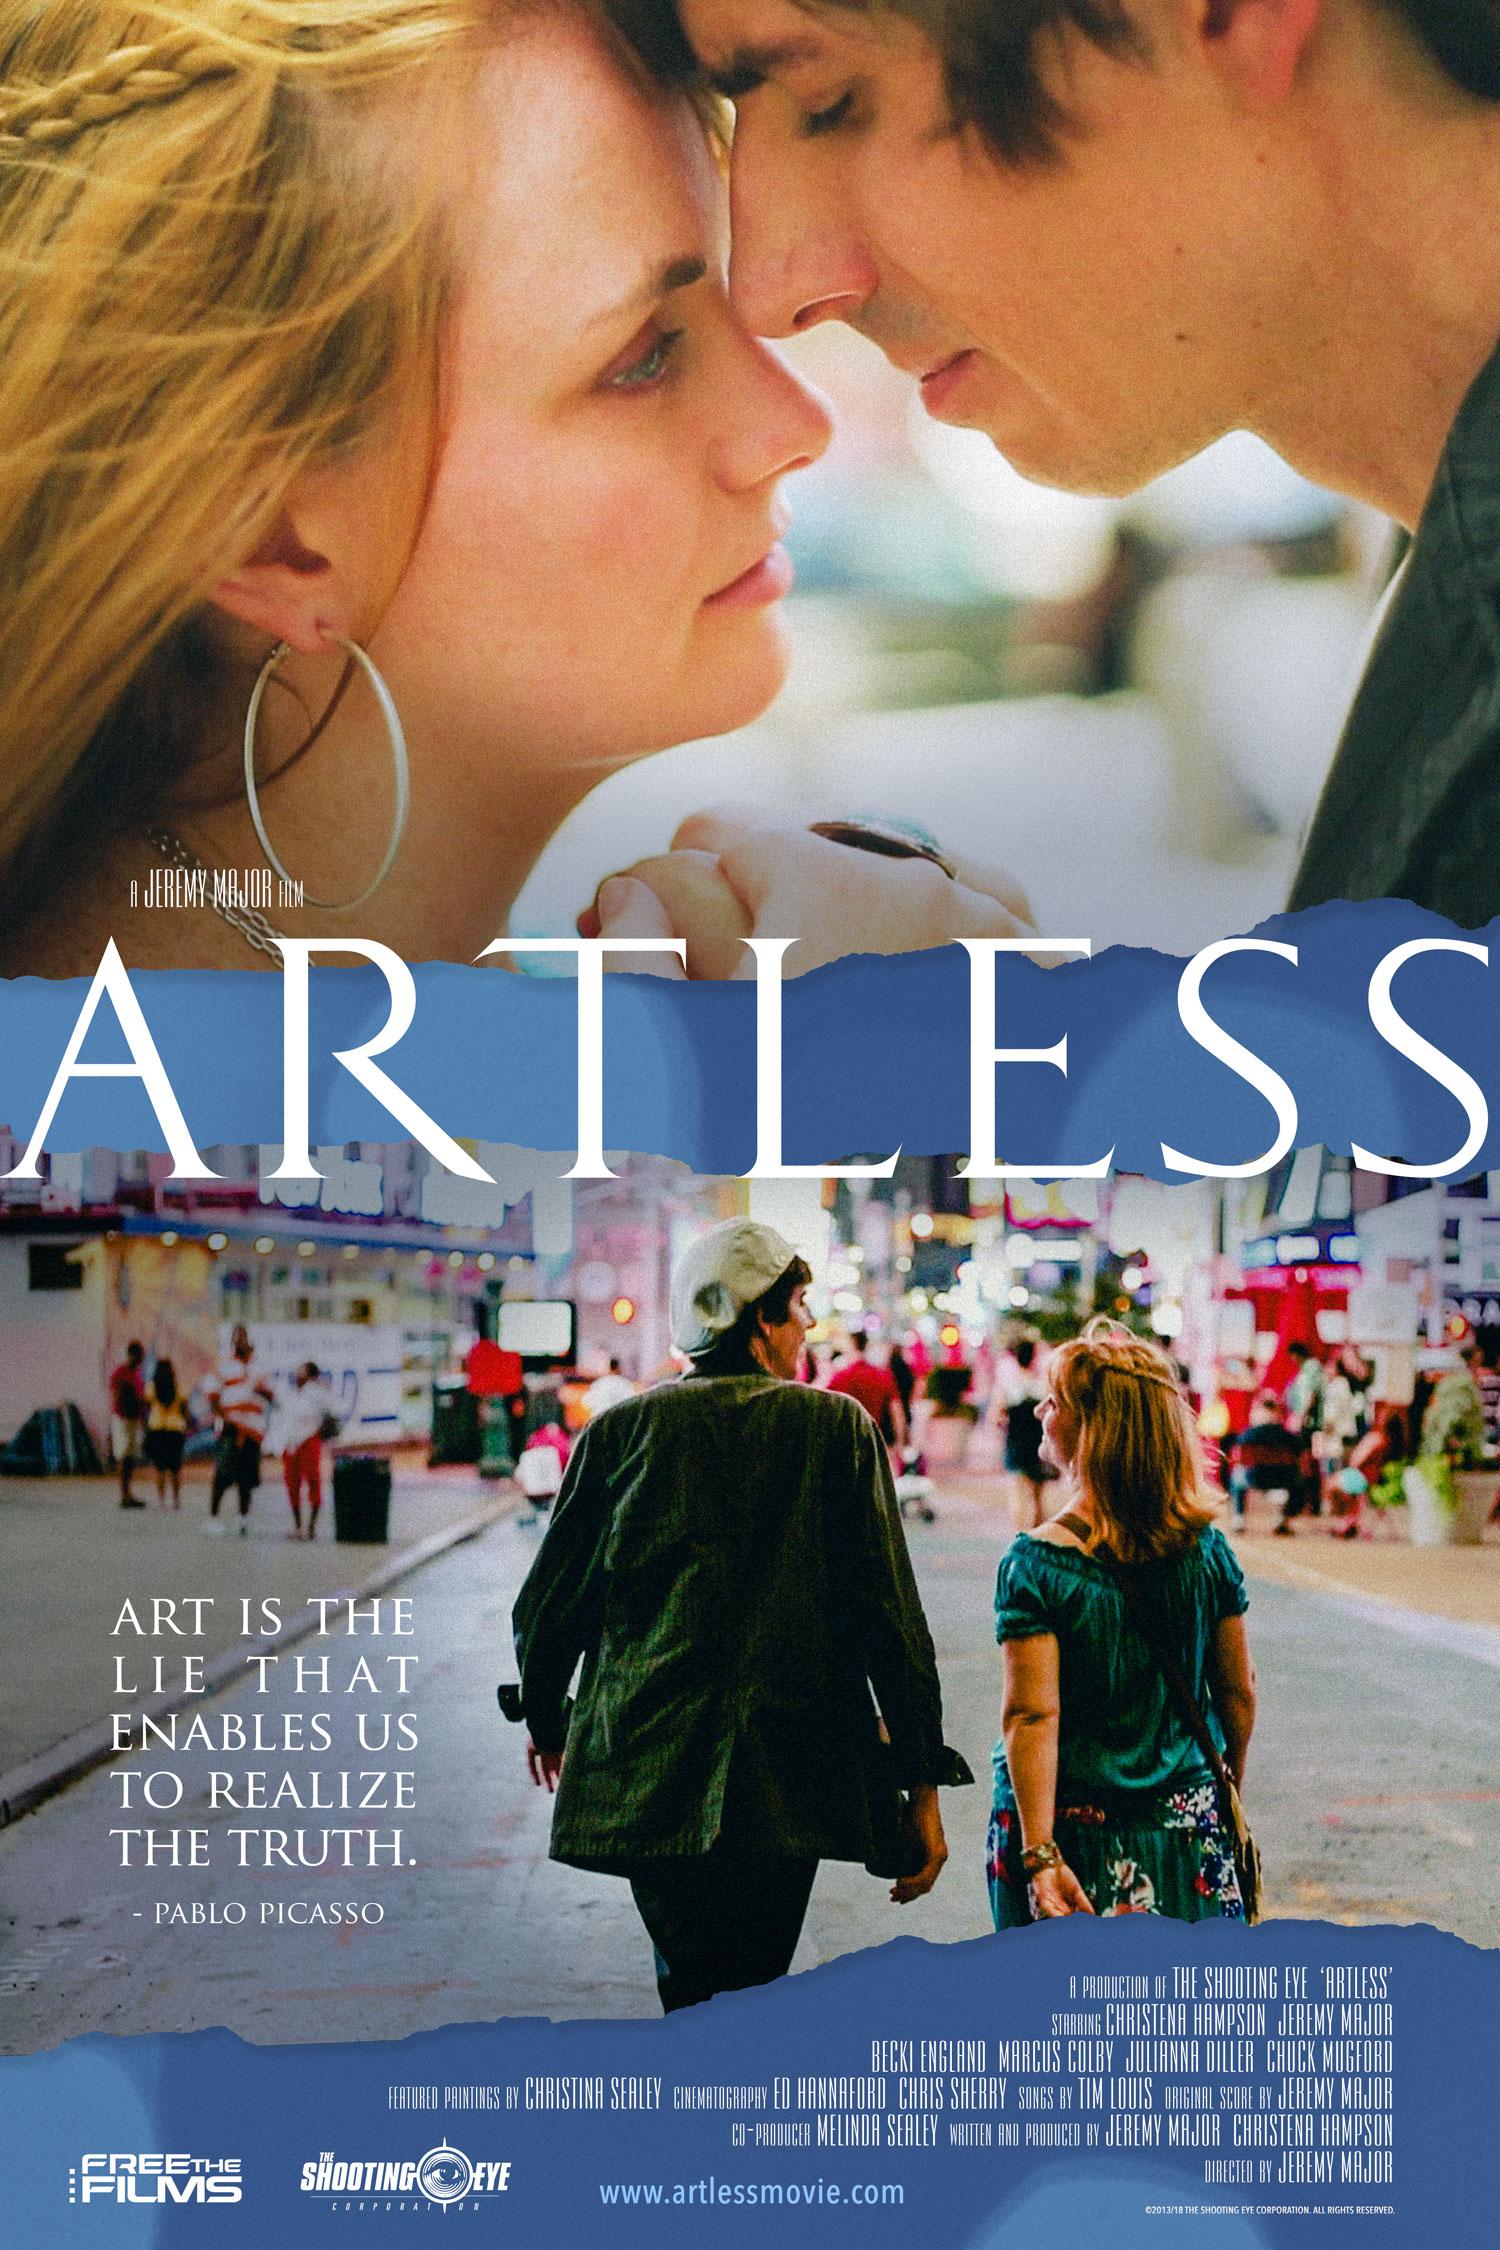 Artless---New-Poster-2018-for-web.jpg